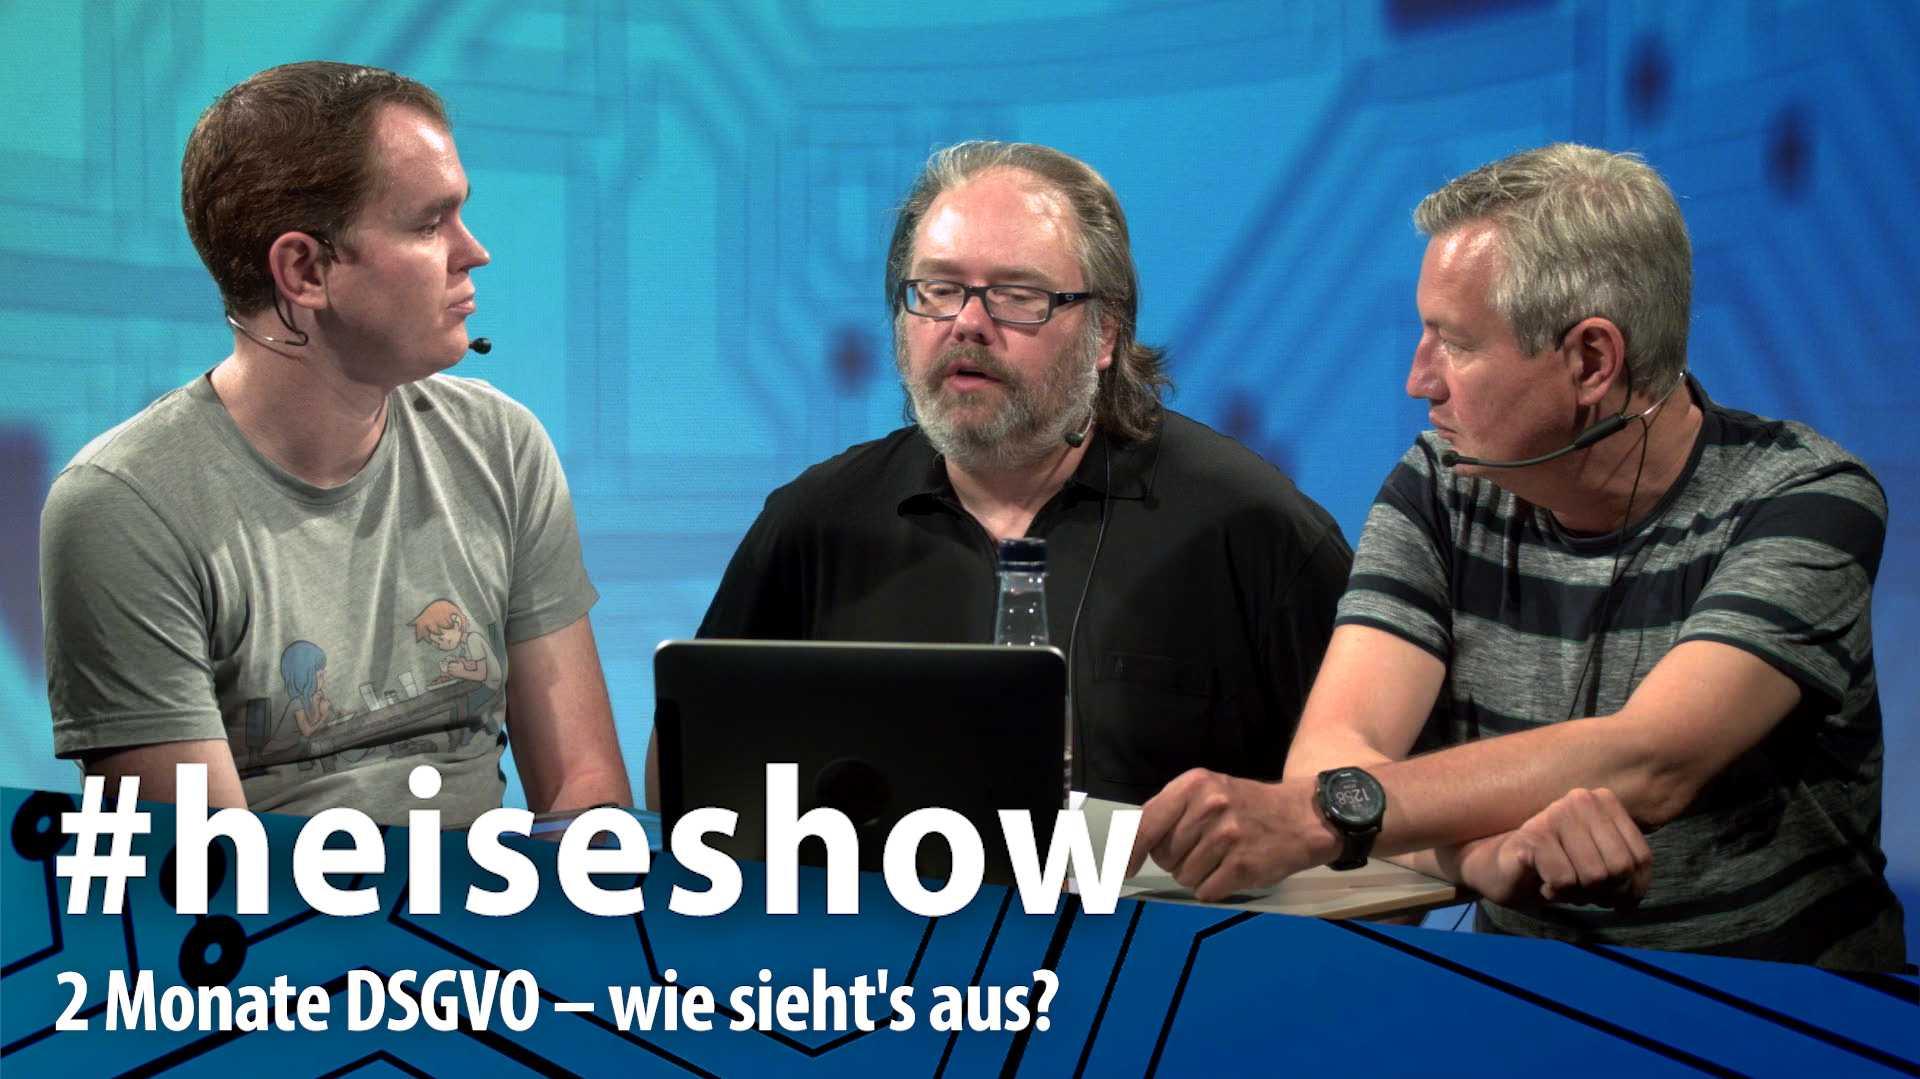 #heiseshow, live ab 12 Uhr: 2 Monate DSGVO – Wie sieht's aus?